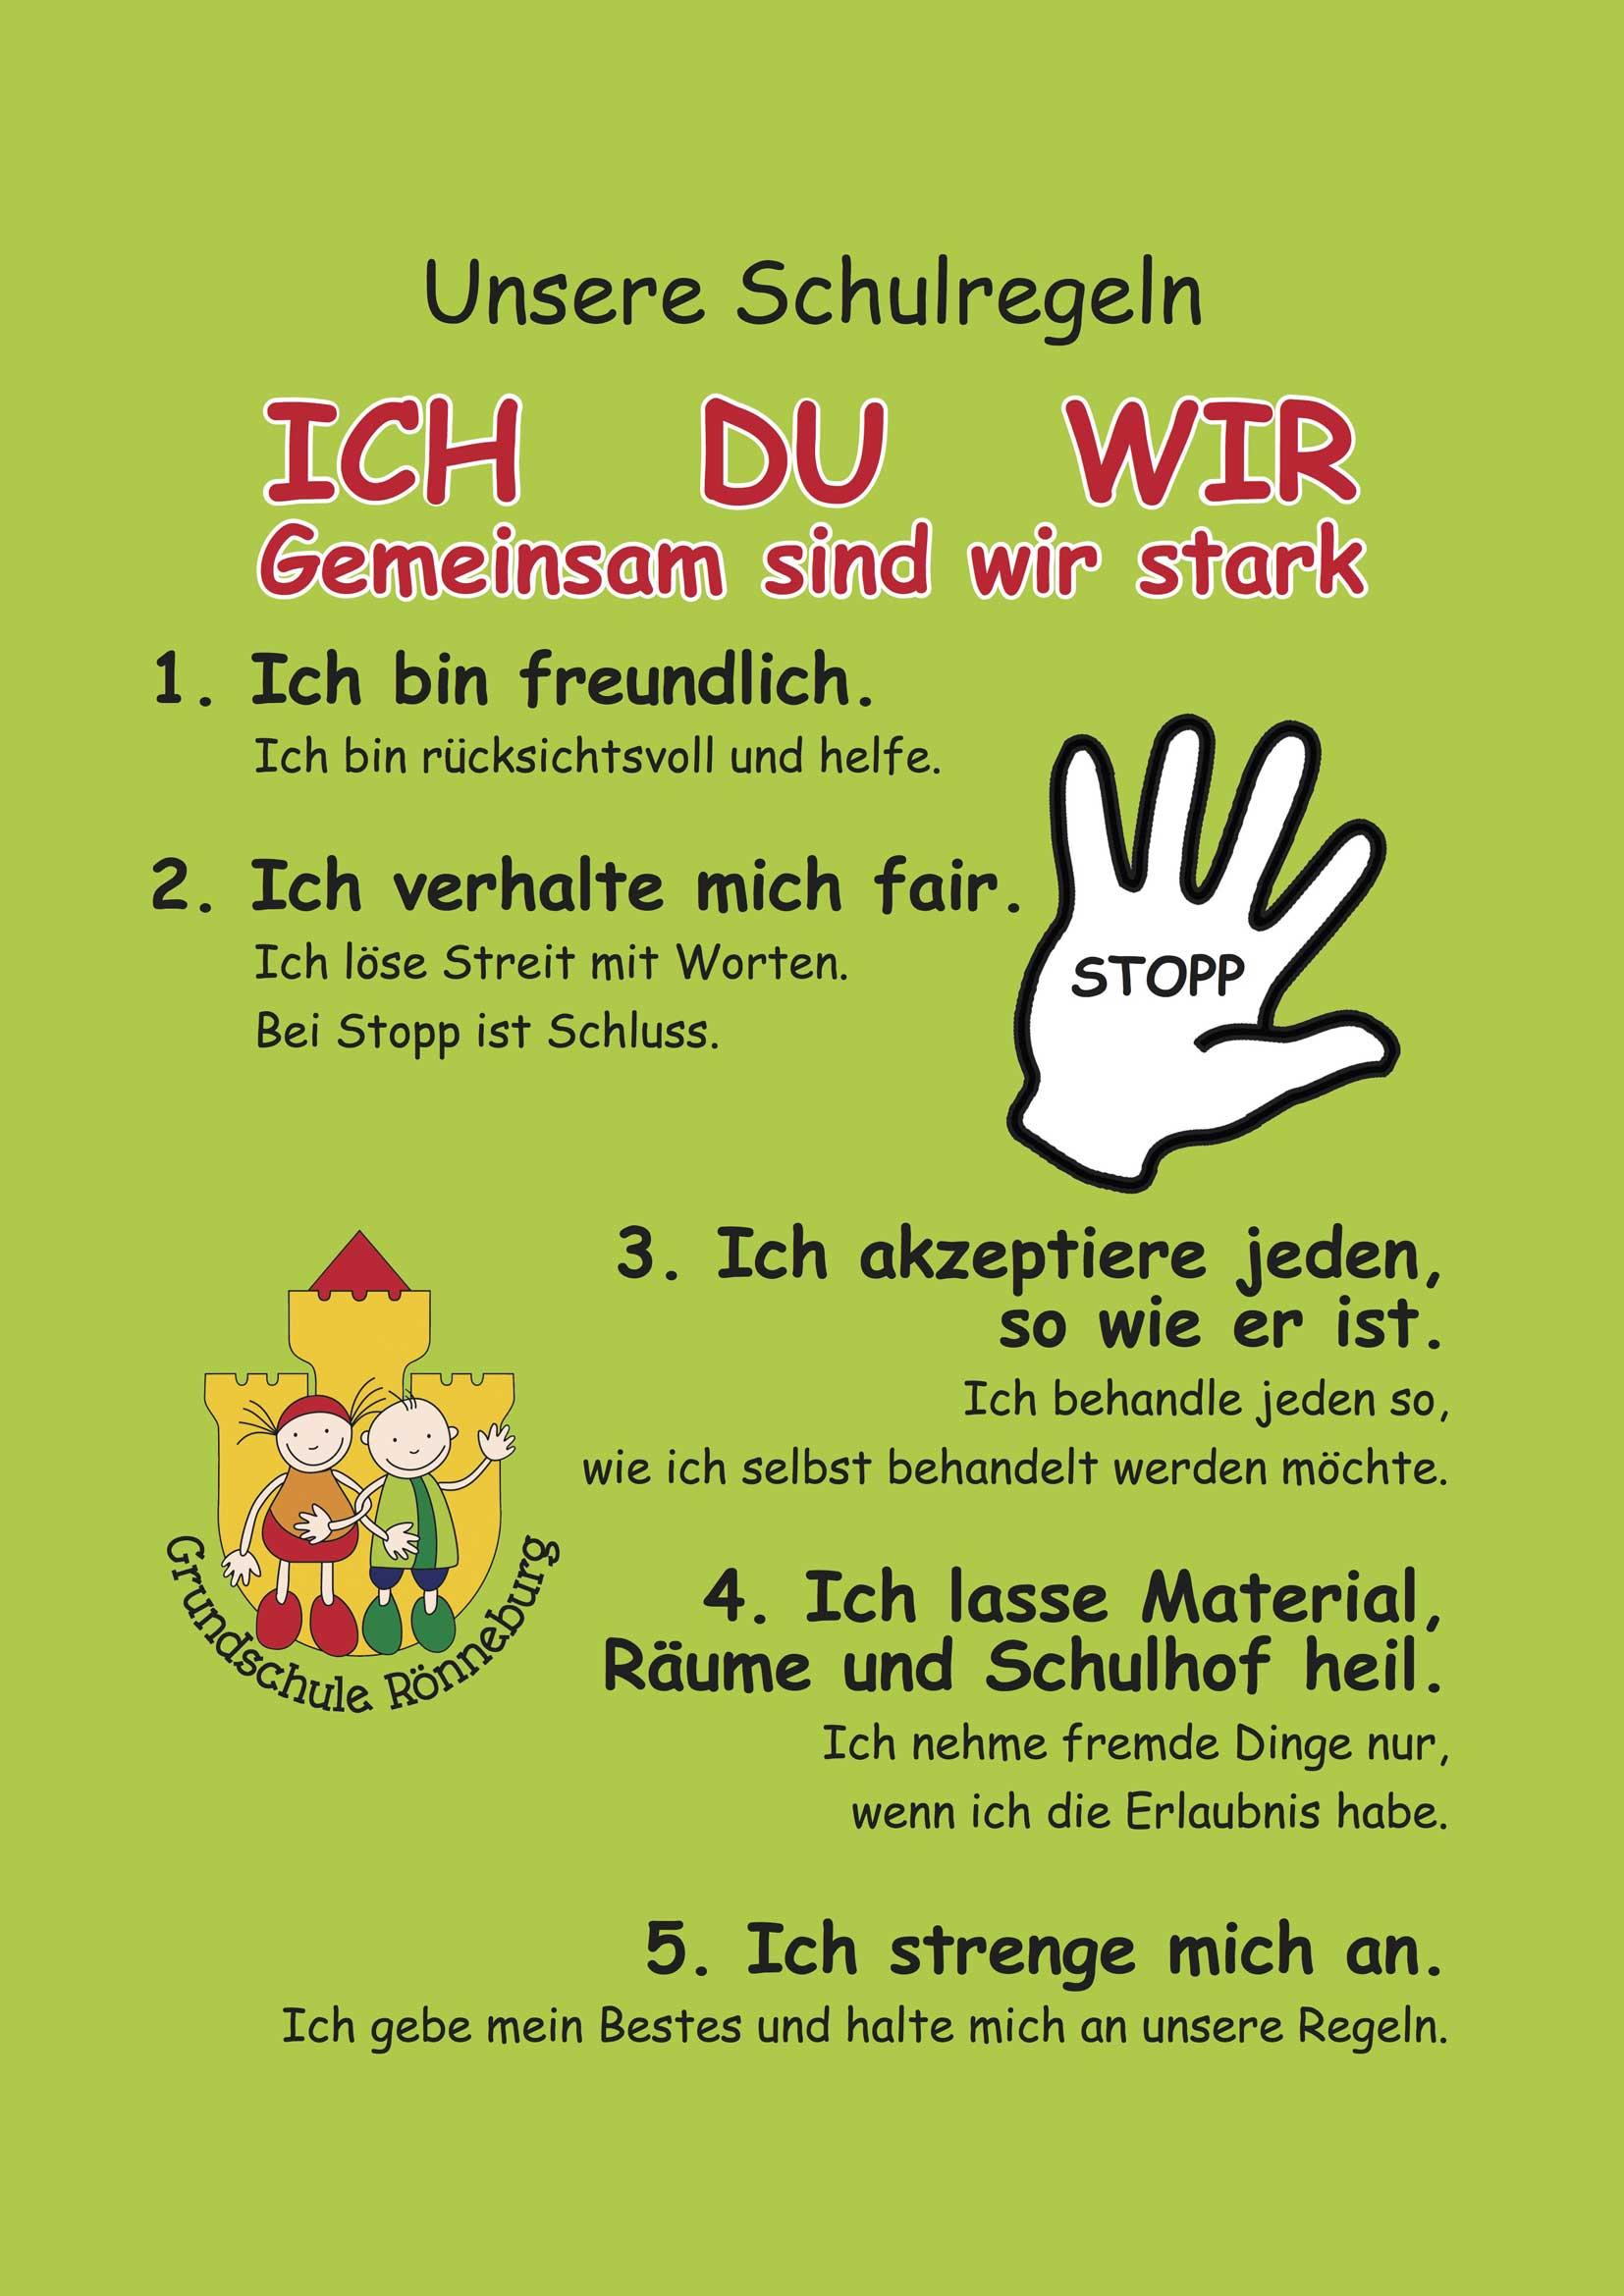 Unsere Schulregeln